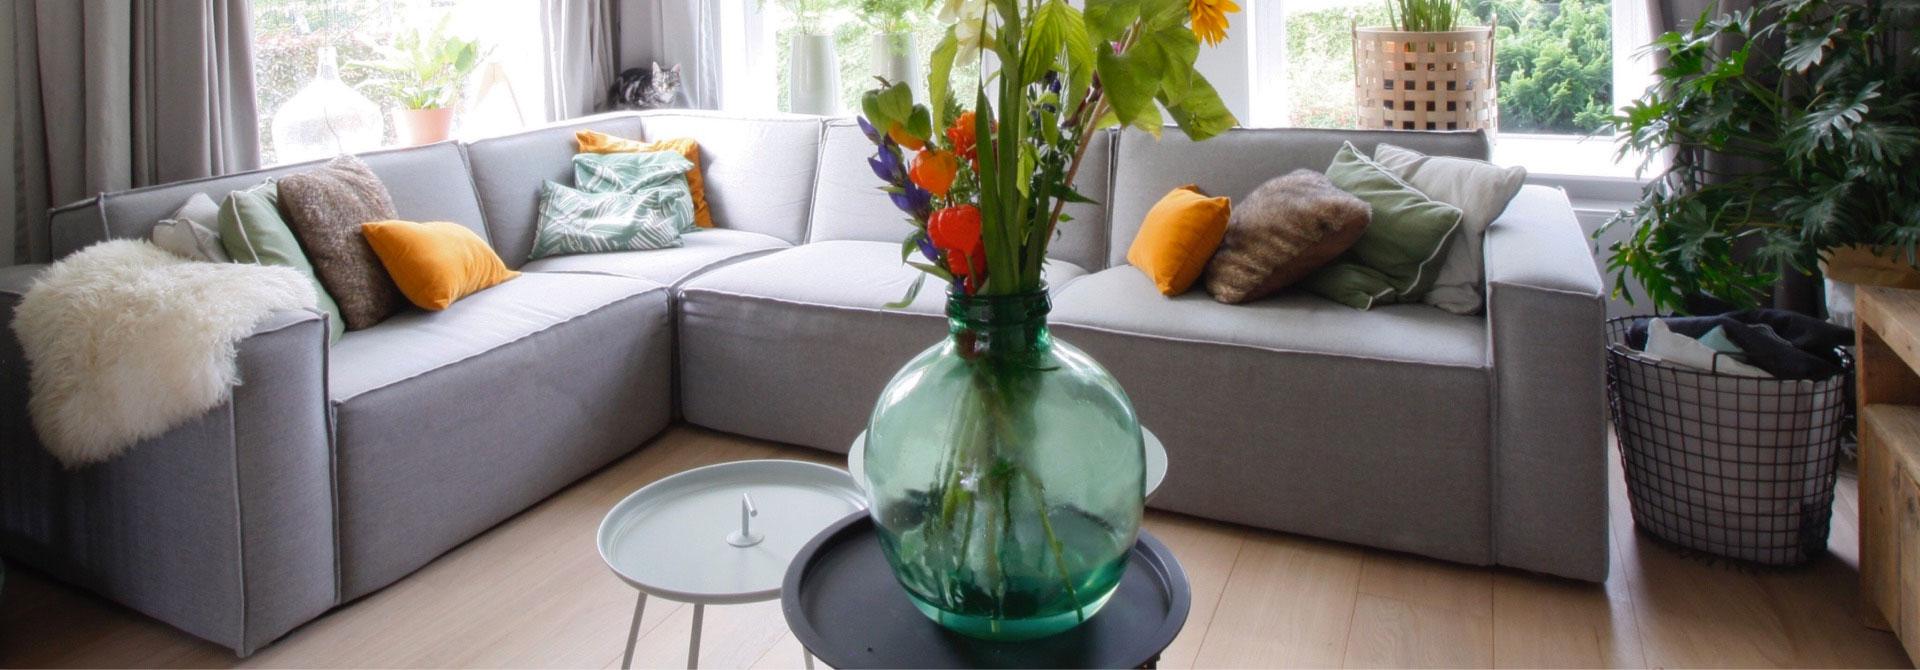 HomeDeco.nl - Oneindig veel interieur inspiratie en shopping!